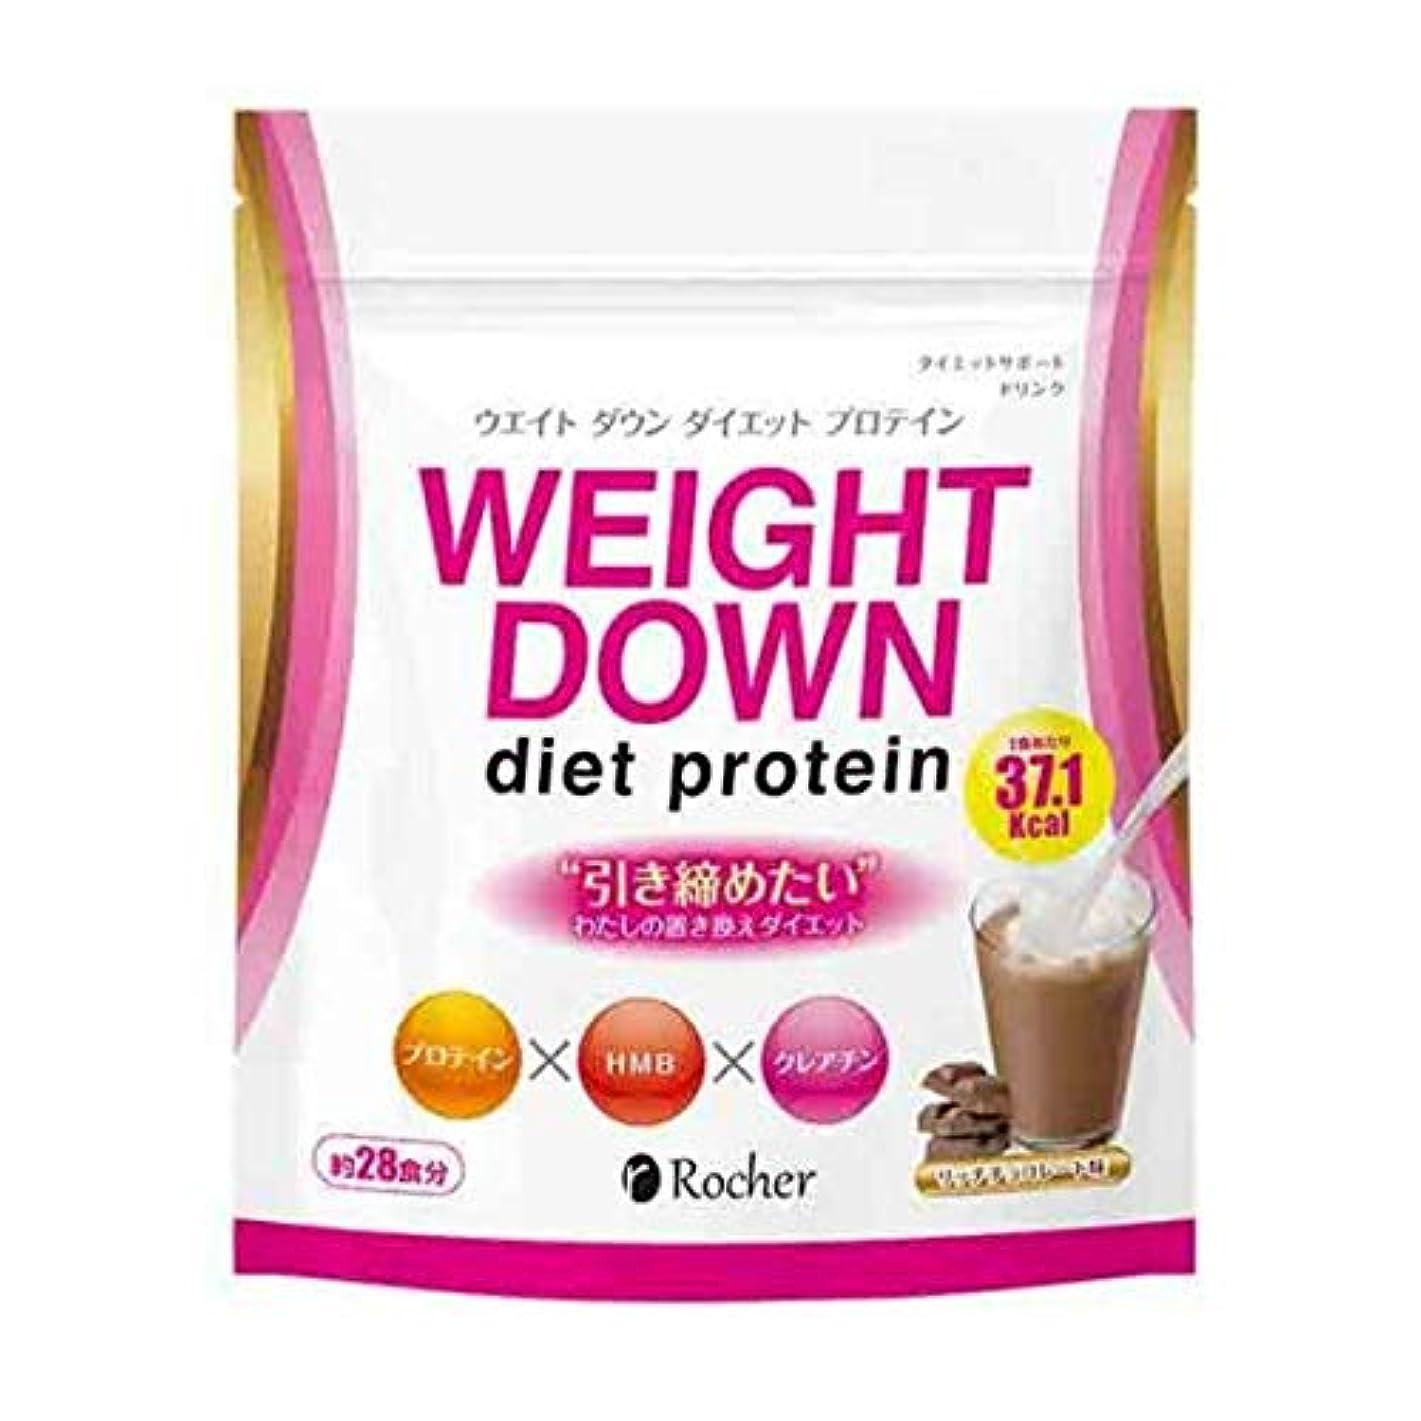 チョコレートタイトショッピングセンターウェイトダウン ダイエットプロテイン 置き換えダイエット!栄養バランを考えて作られたダイエットプロテイン